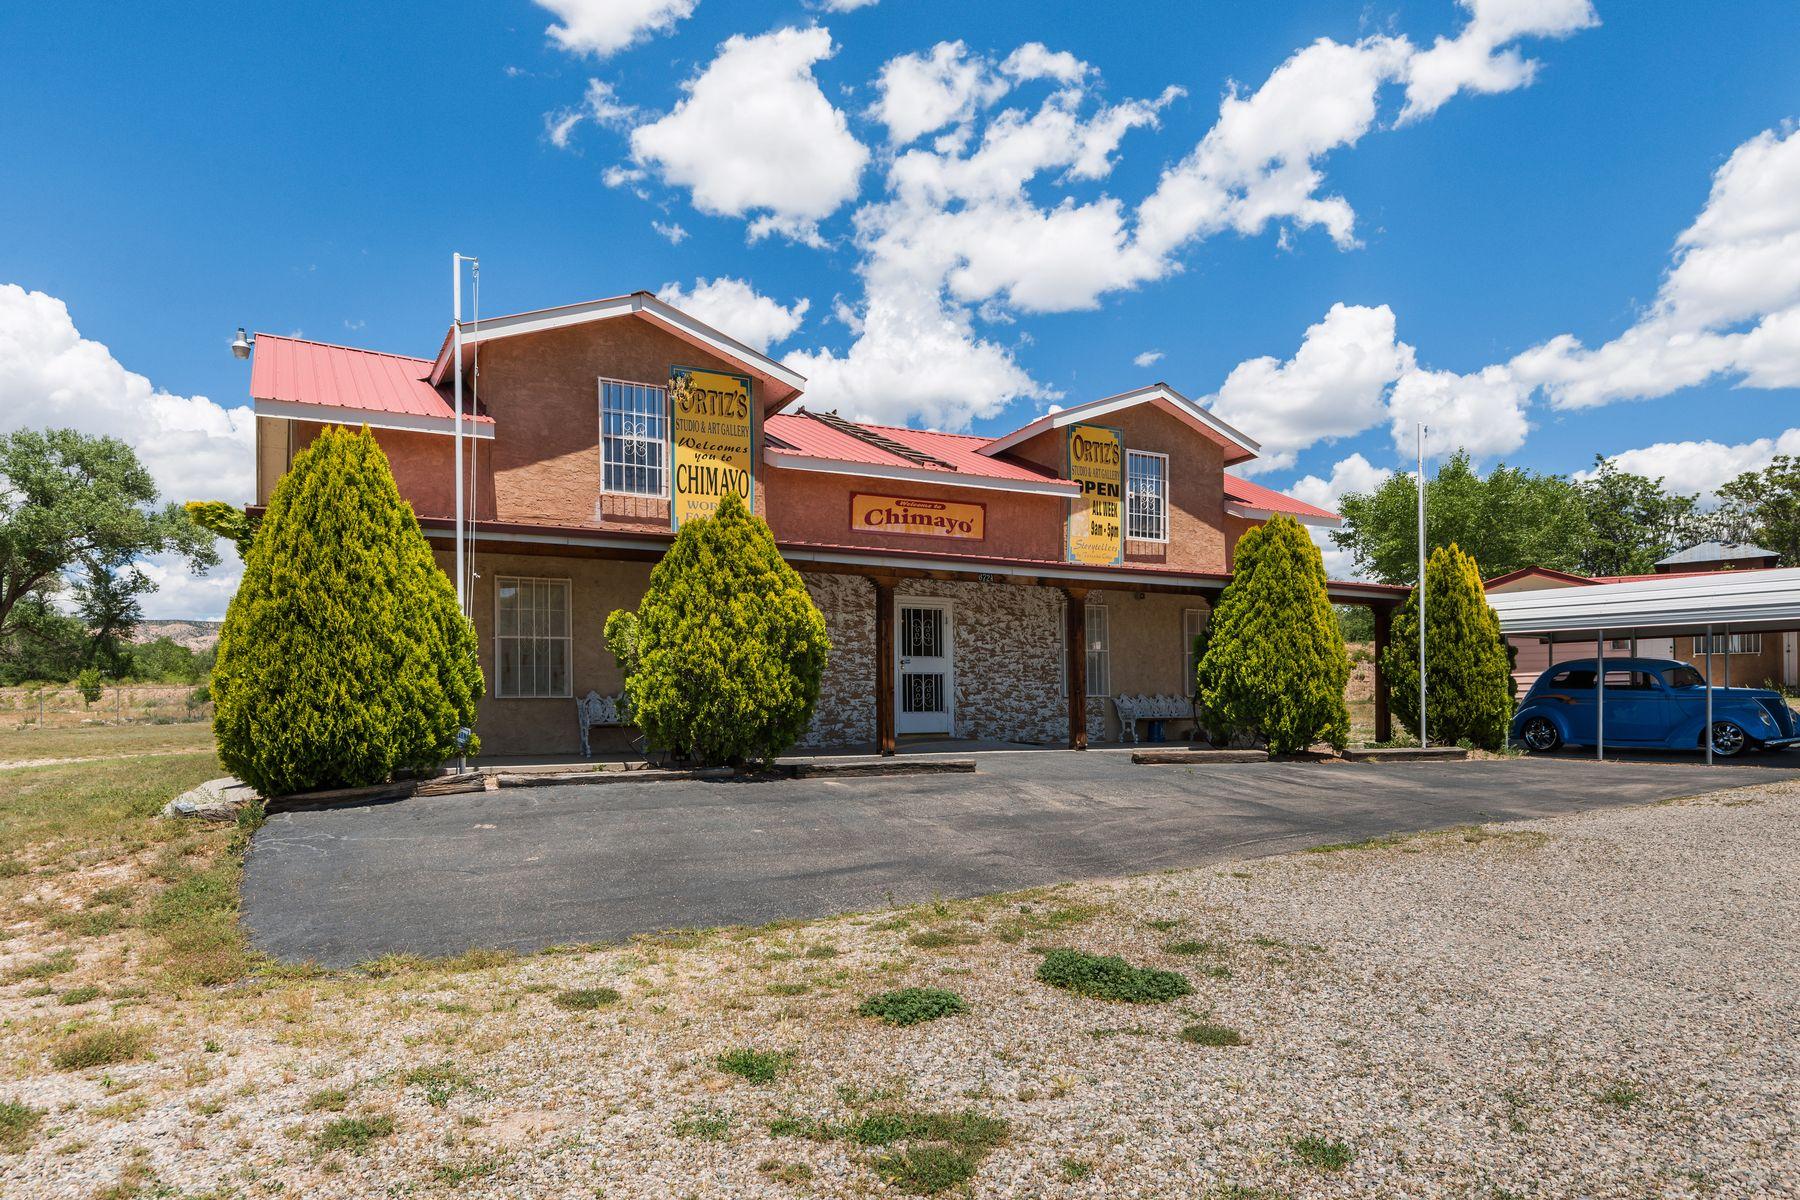 Single Family Homes pour l Vente à Chimayo, Nouveau-Mexique 87522 États-Unis